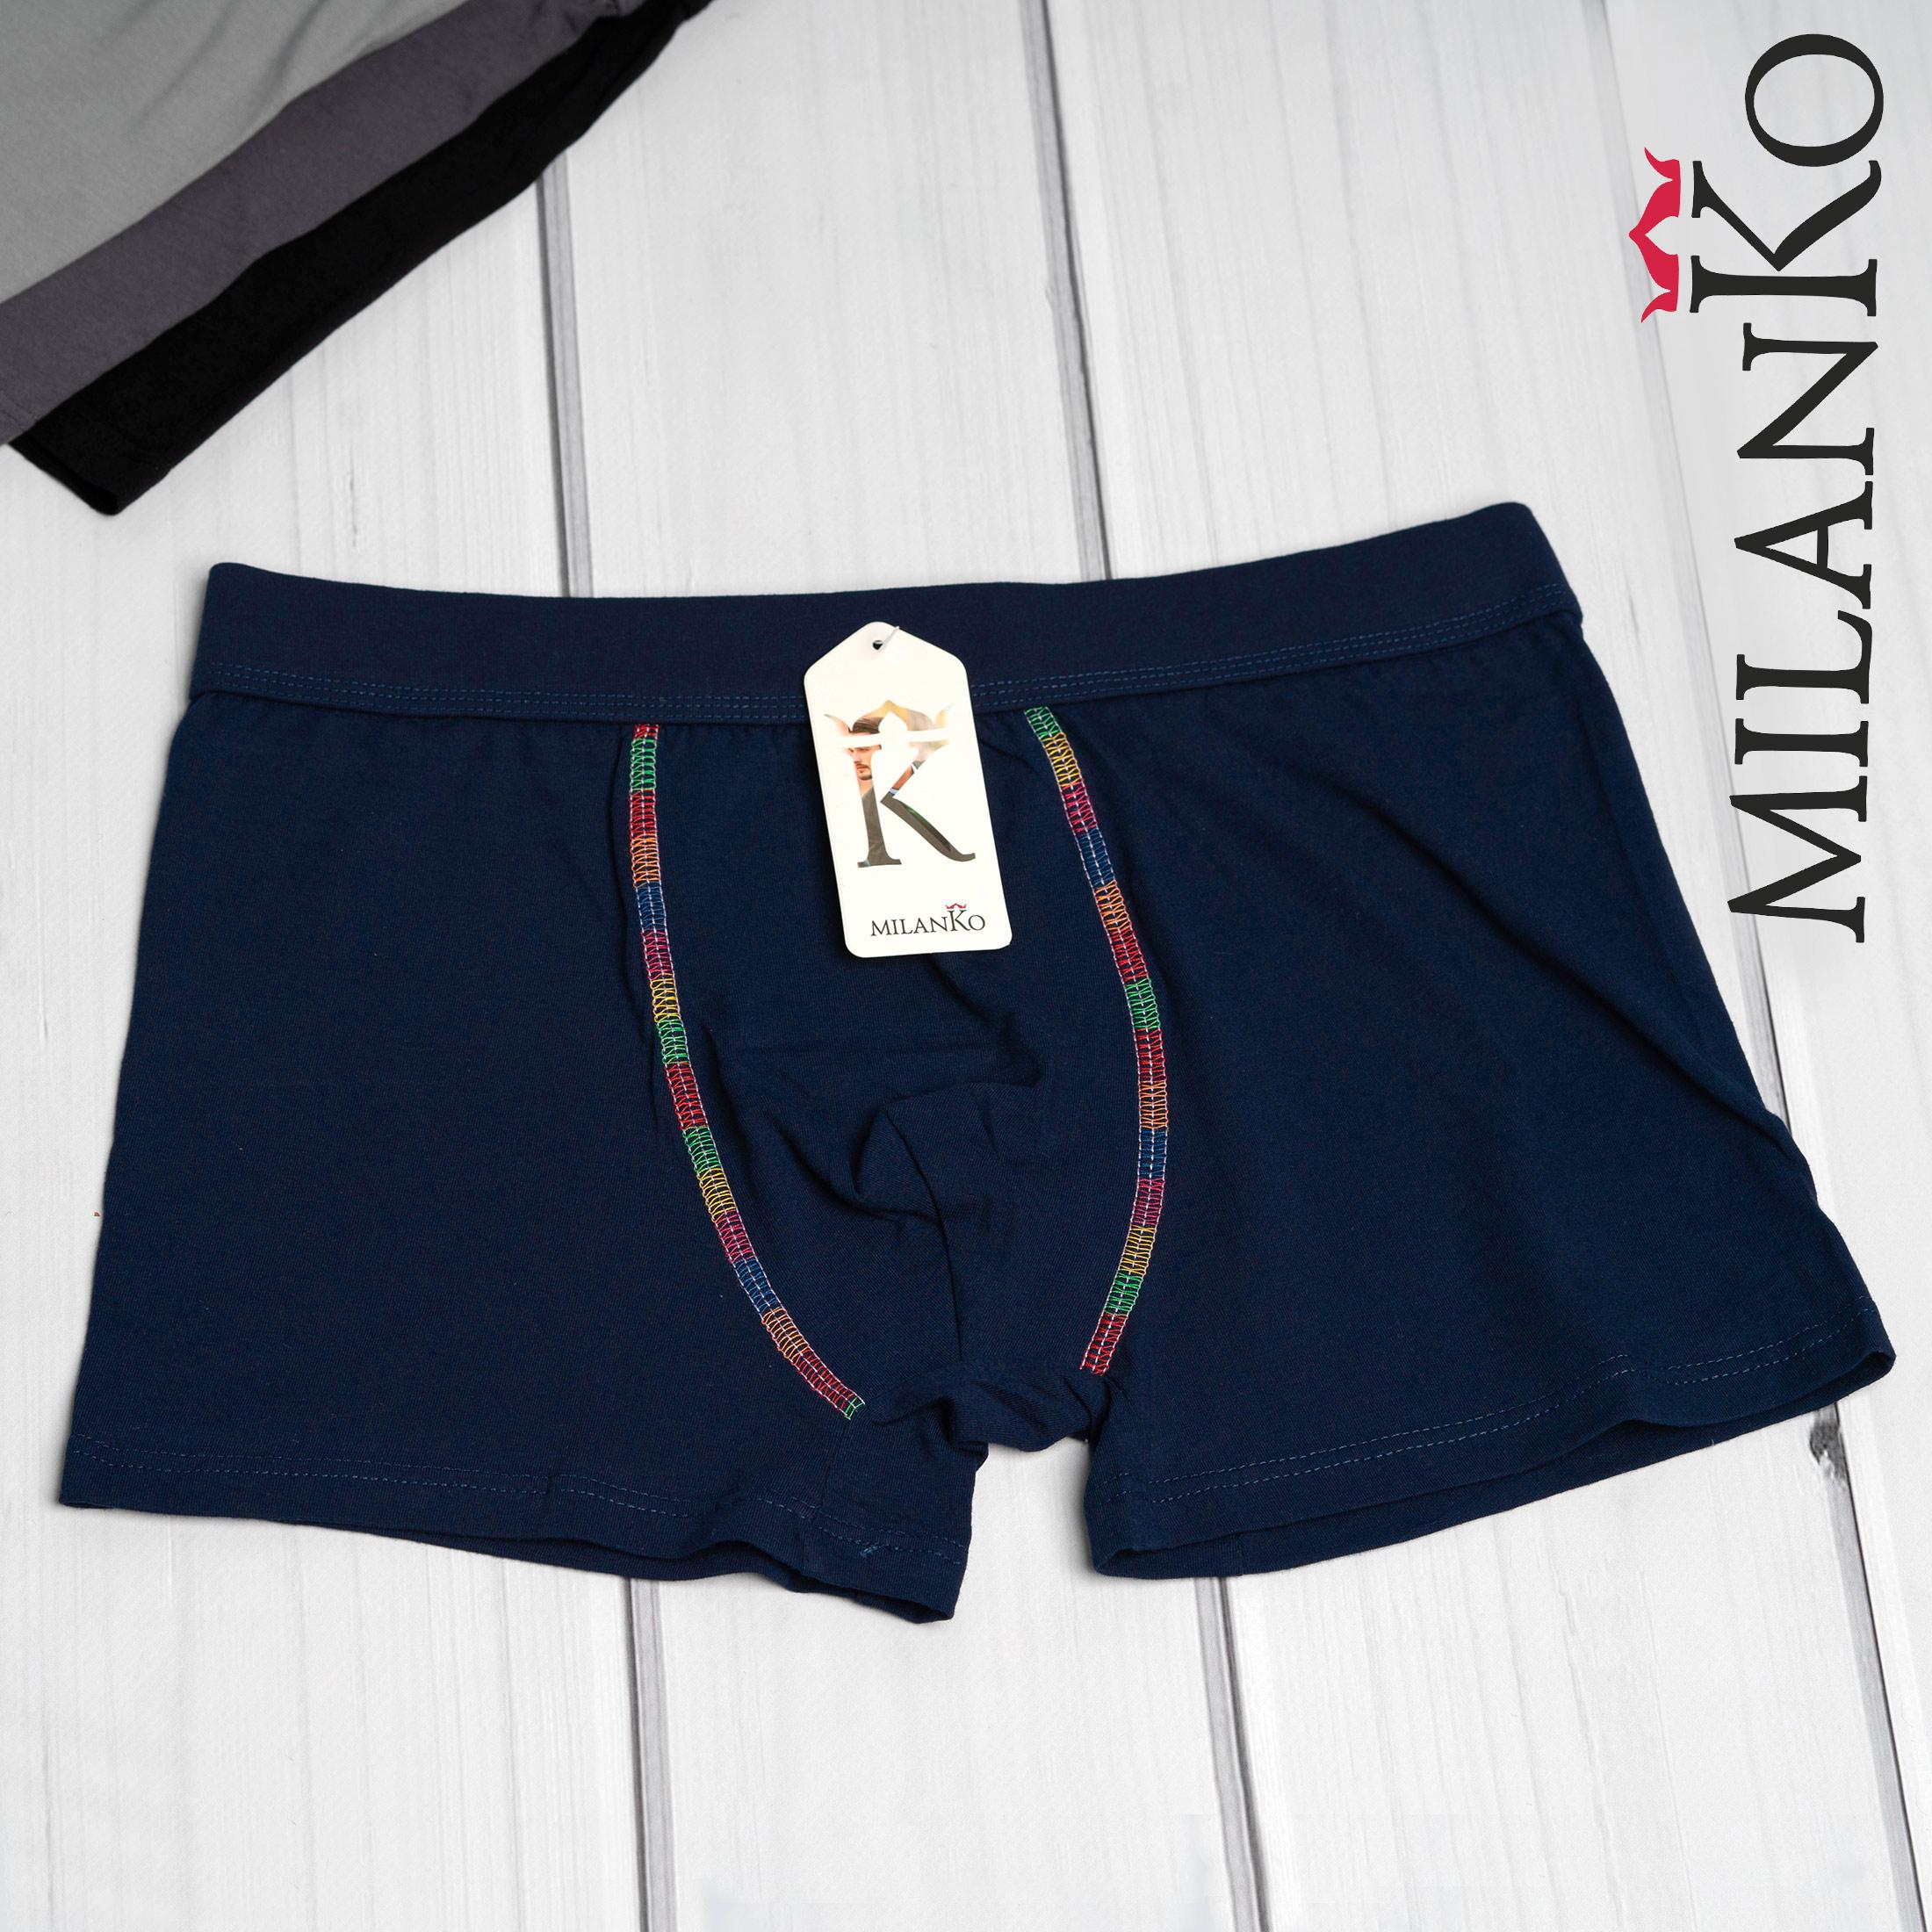 MILANKO   ,Боксеры мужские классические с цветной прострочкой MilanKo 1125